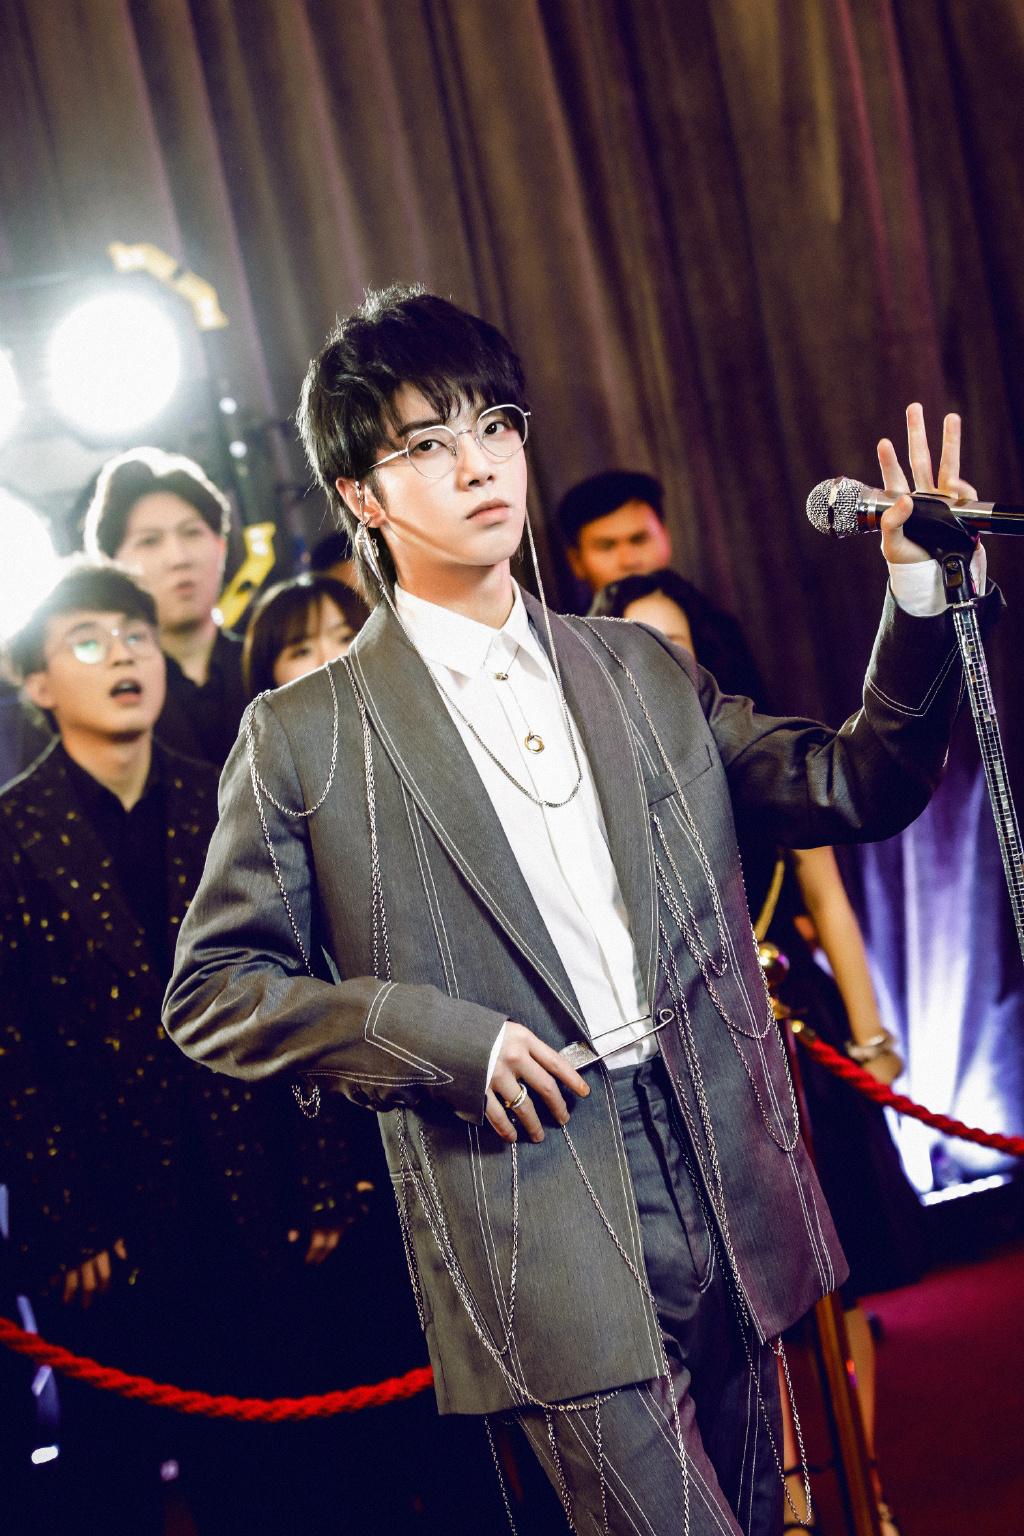 冠軍劇本太明顯?《歌手》華晨宇被罵爆:唱歌有夠難聽!